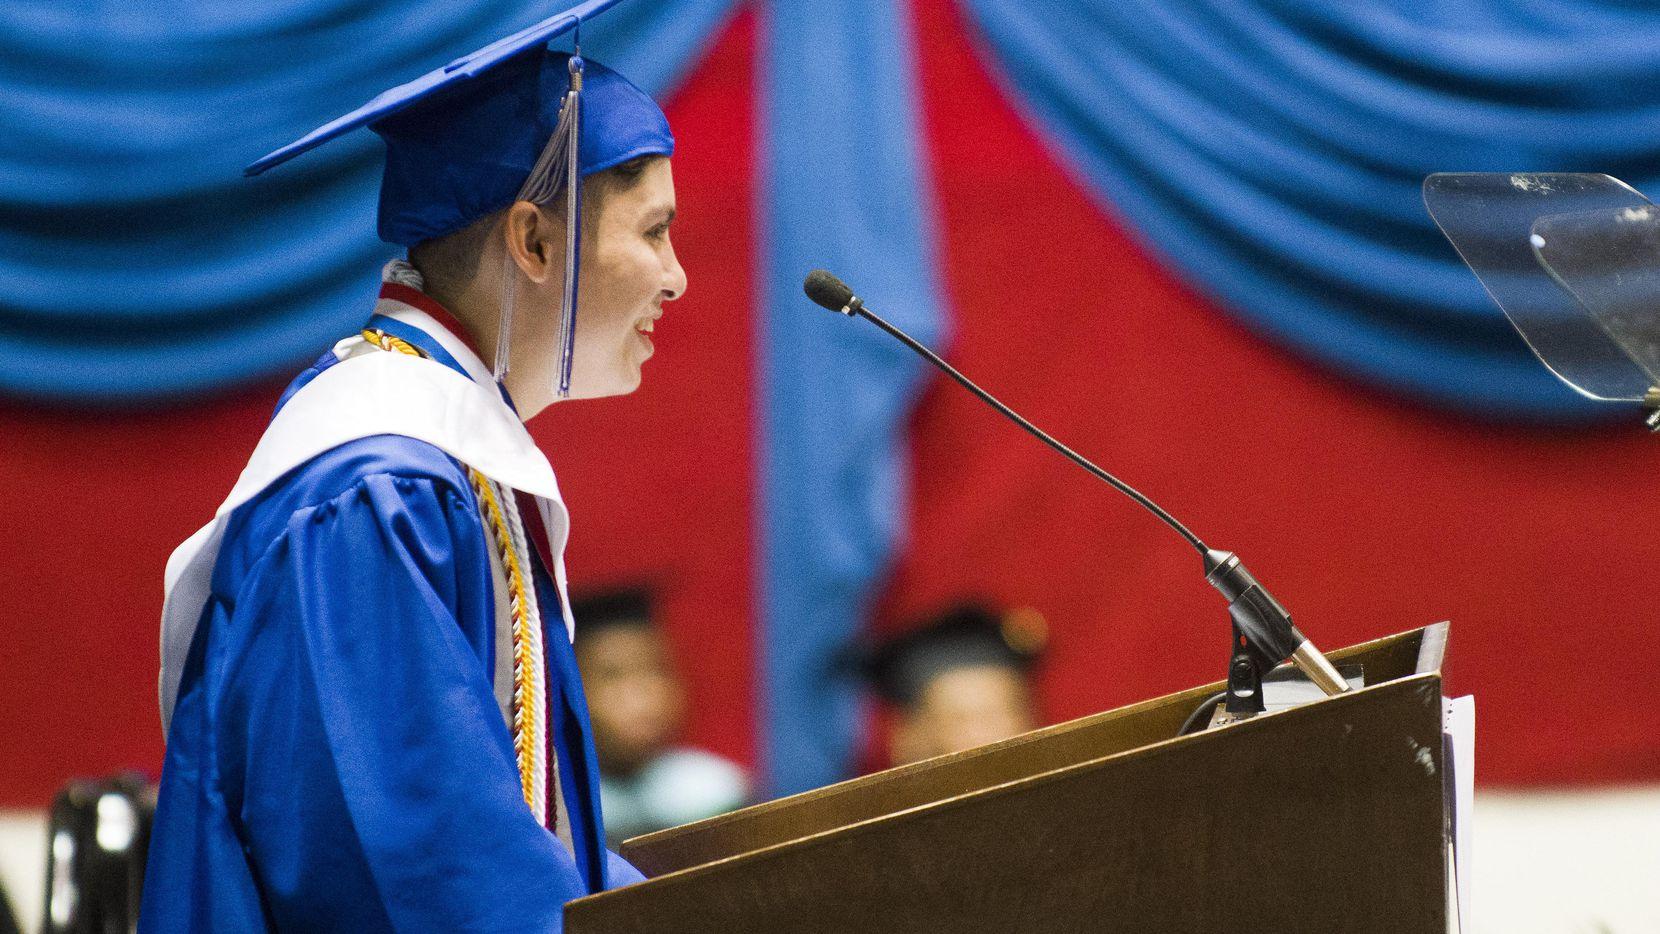 José Luna fue elegido lobró ser uno de los mejores graduados de la preparatoria Yvonne A. Ewell Townview Center pese a la enfermedad de su padre.  ROBERT W. HEART/ESPECIAL PARA DMN